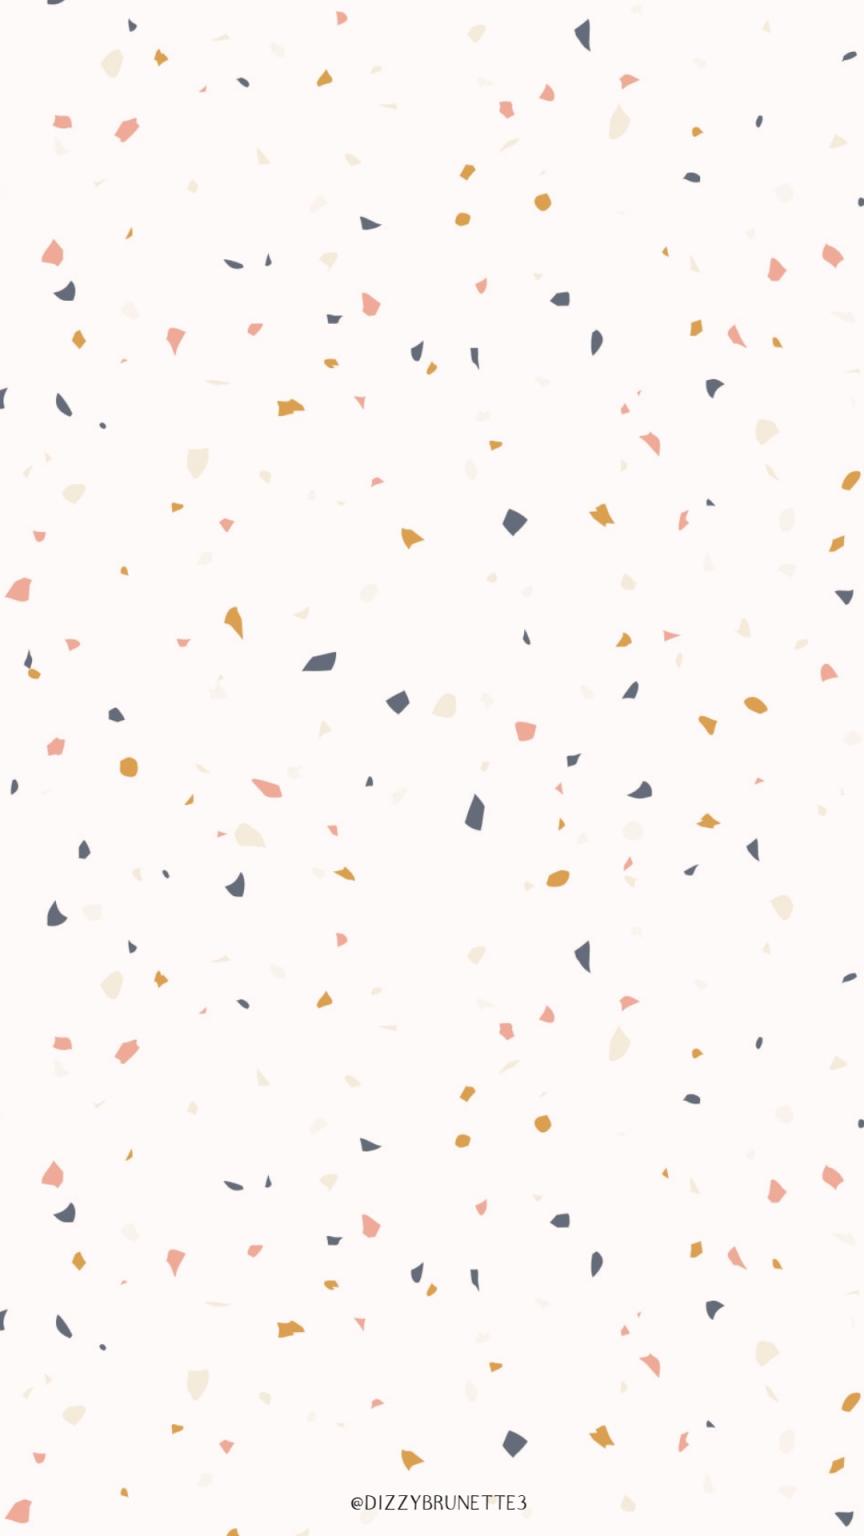 Free Phone Wallpapers : June & July - Corrie Bromfield